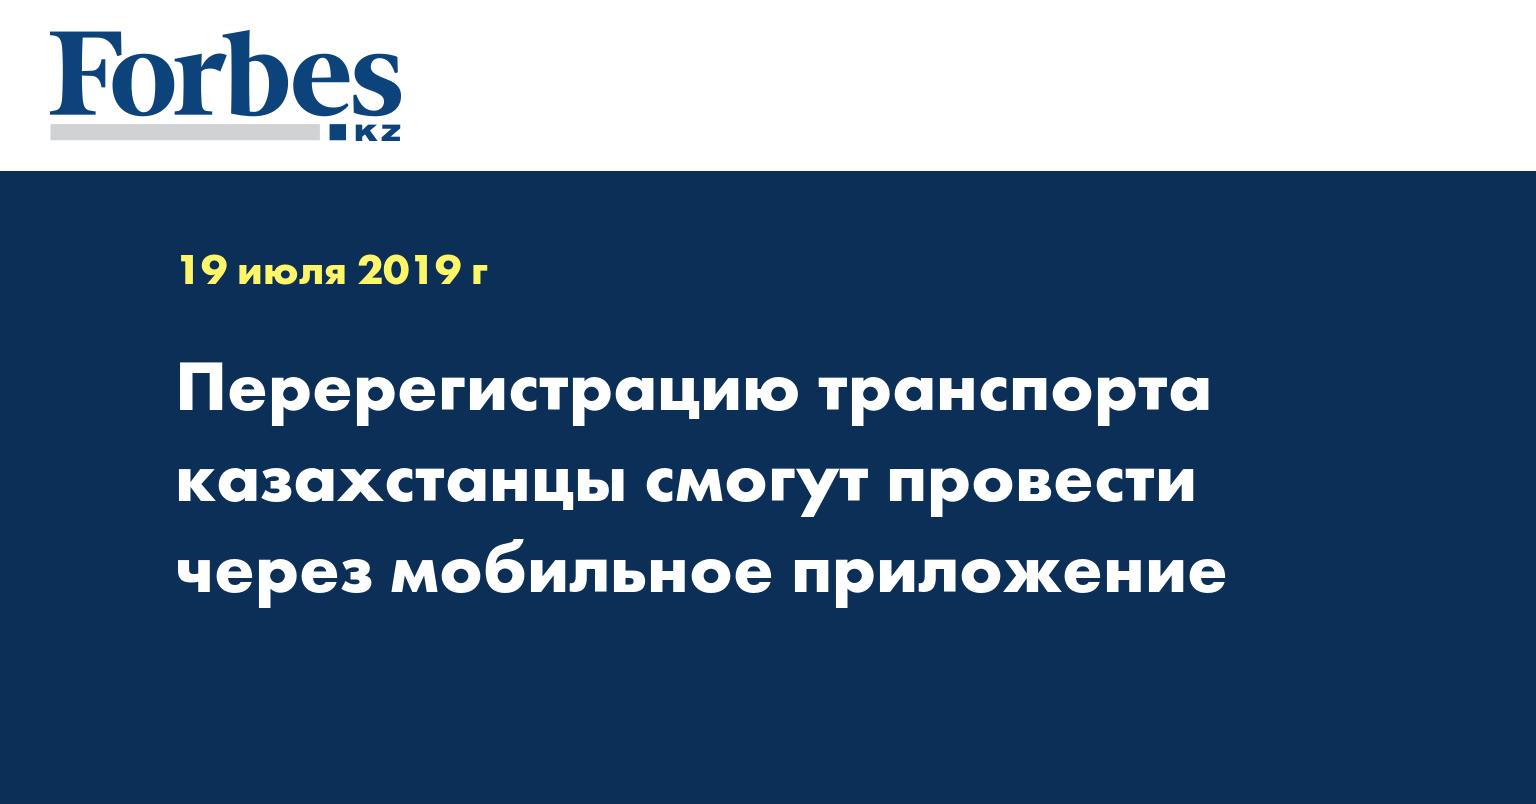 Перерегистрацию транспорта казахстанцы смогут провести через мобильное приложение